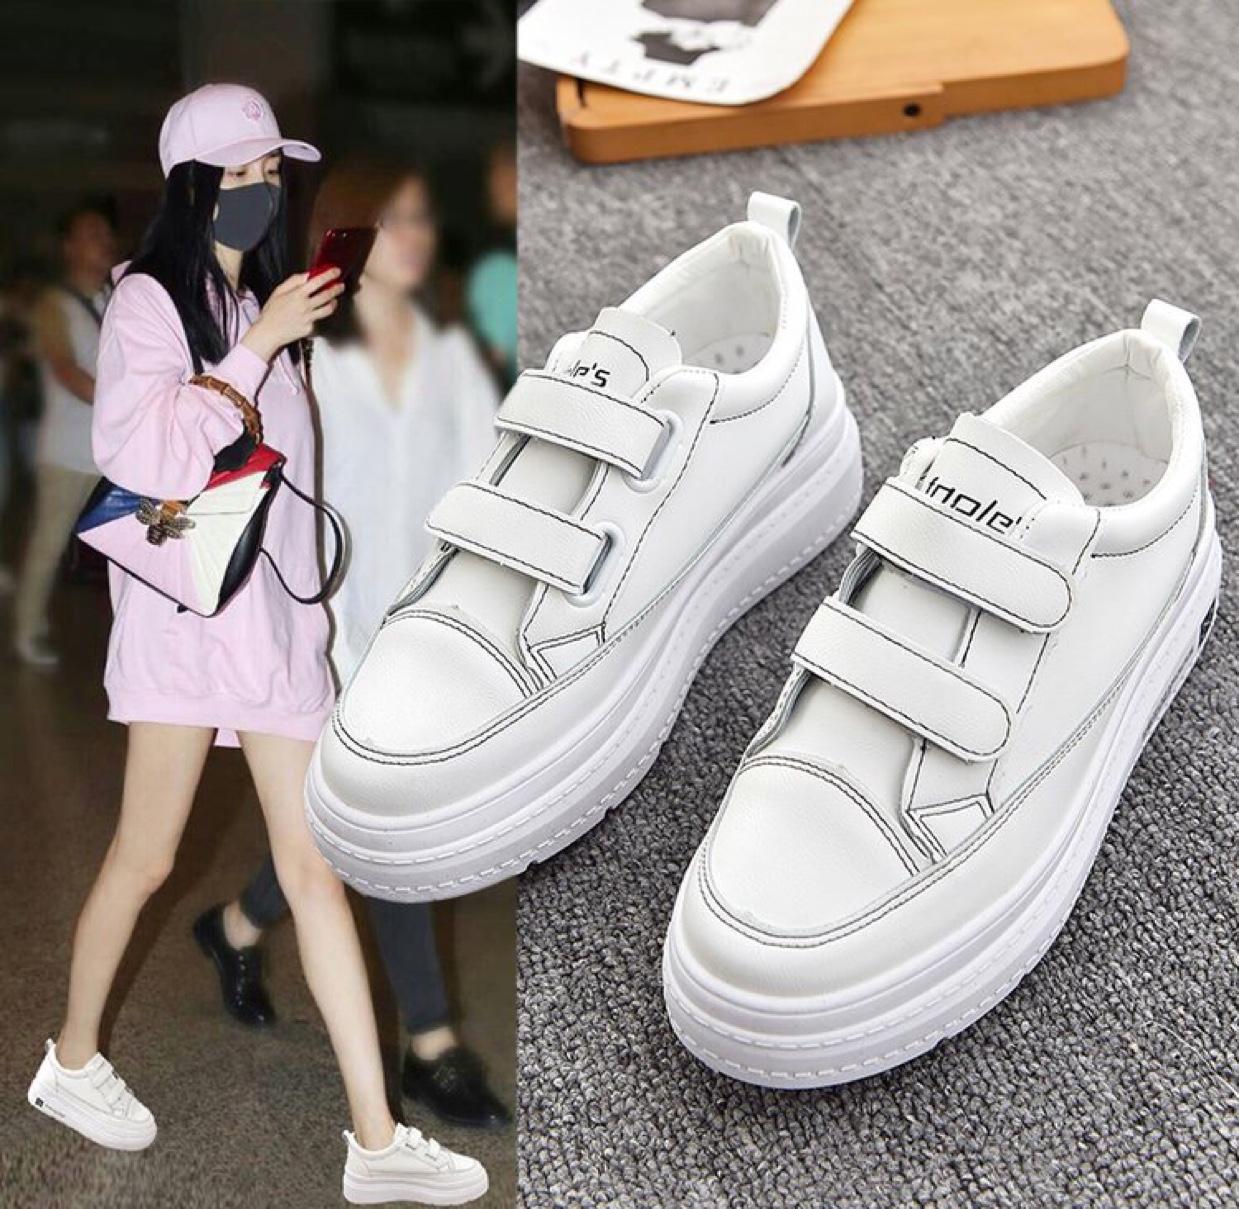 网红夏季厚底松糕鞋女2020夏季新款韩版学生内增高皮面鞋平底女鞋